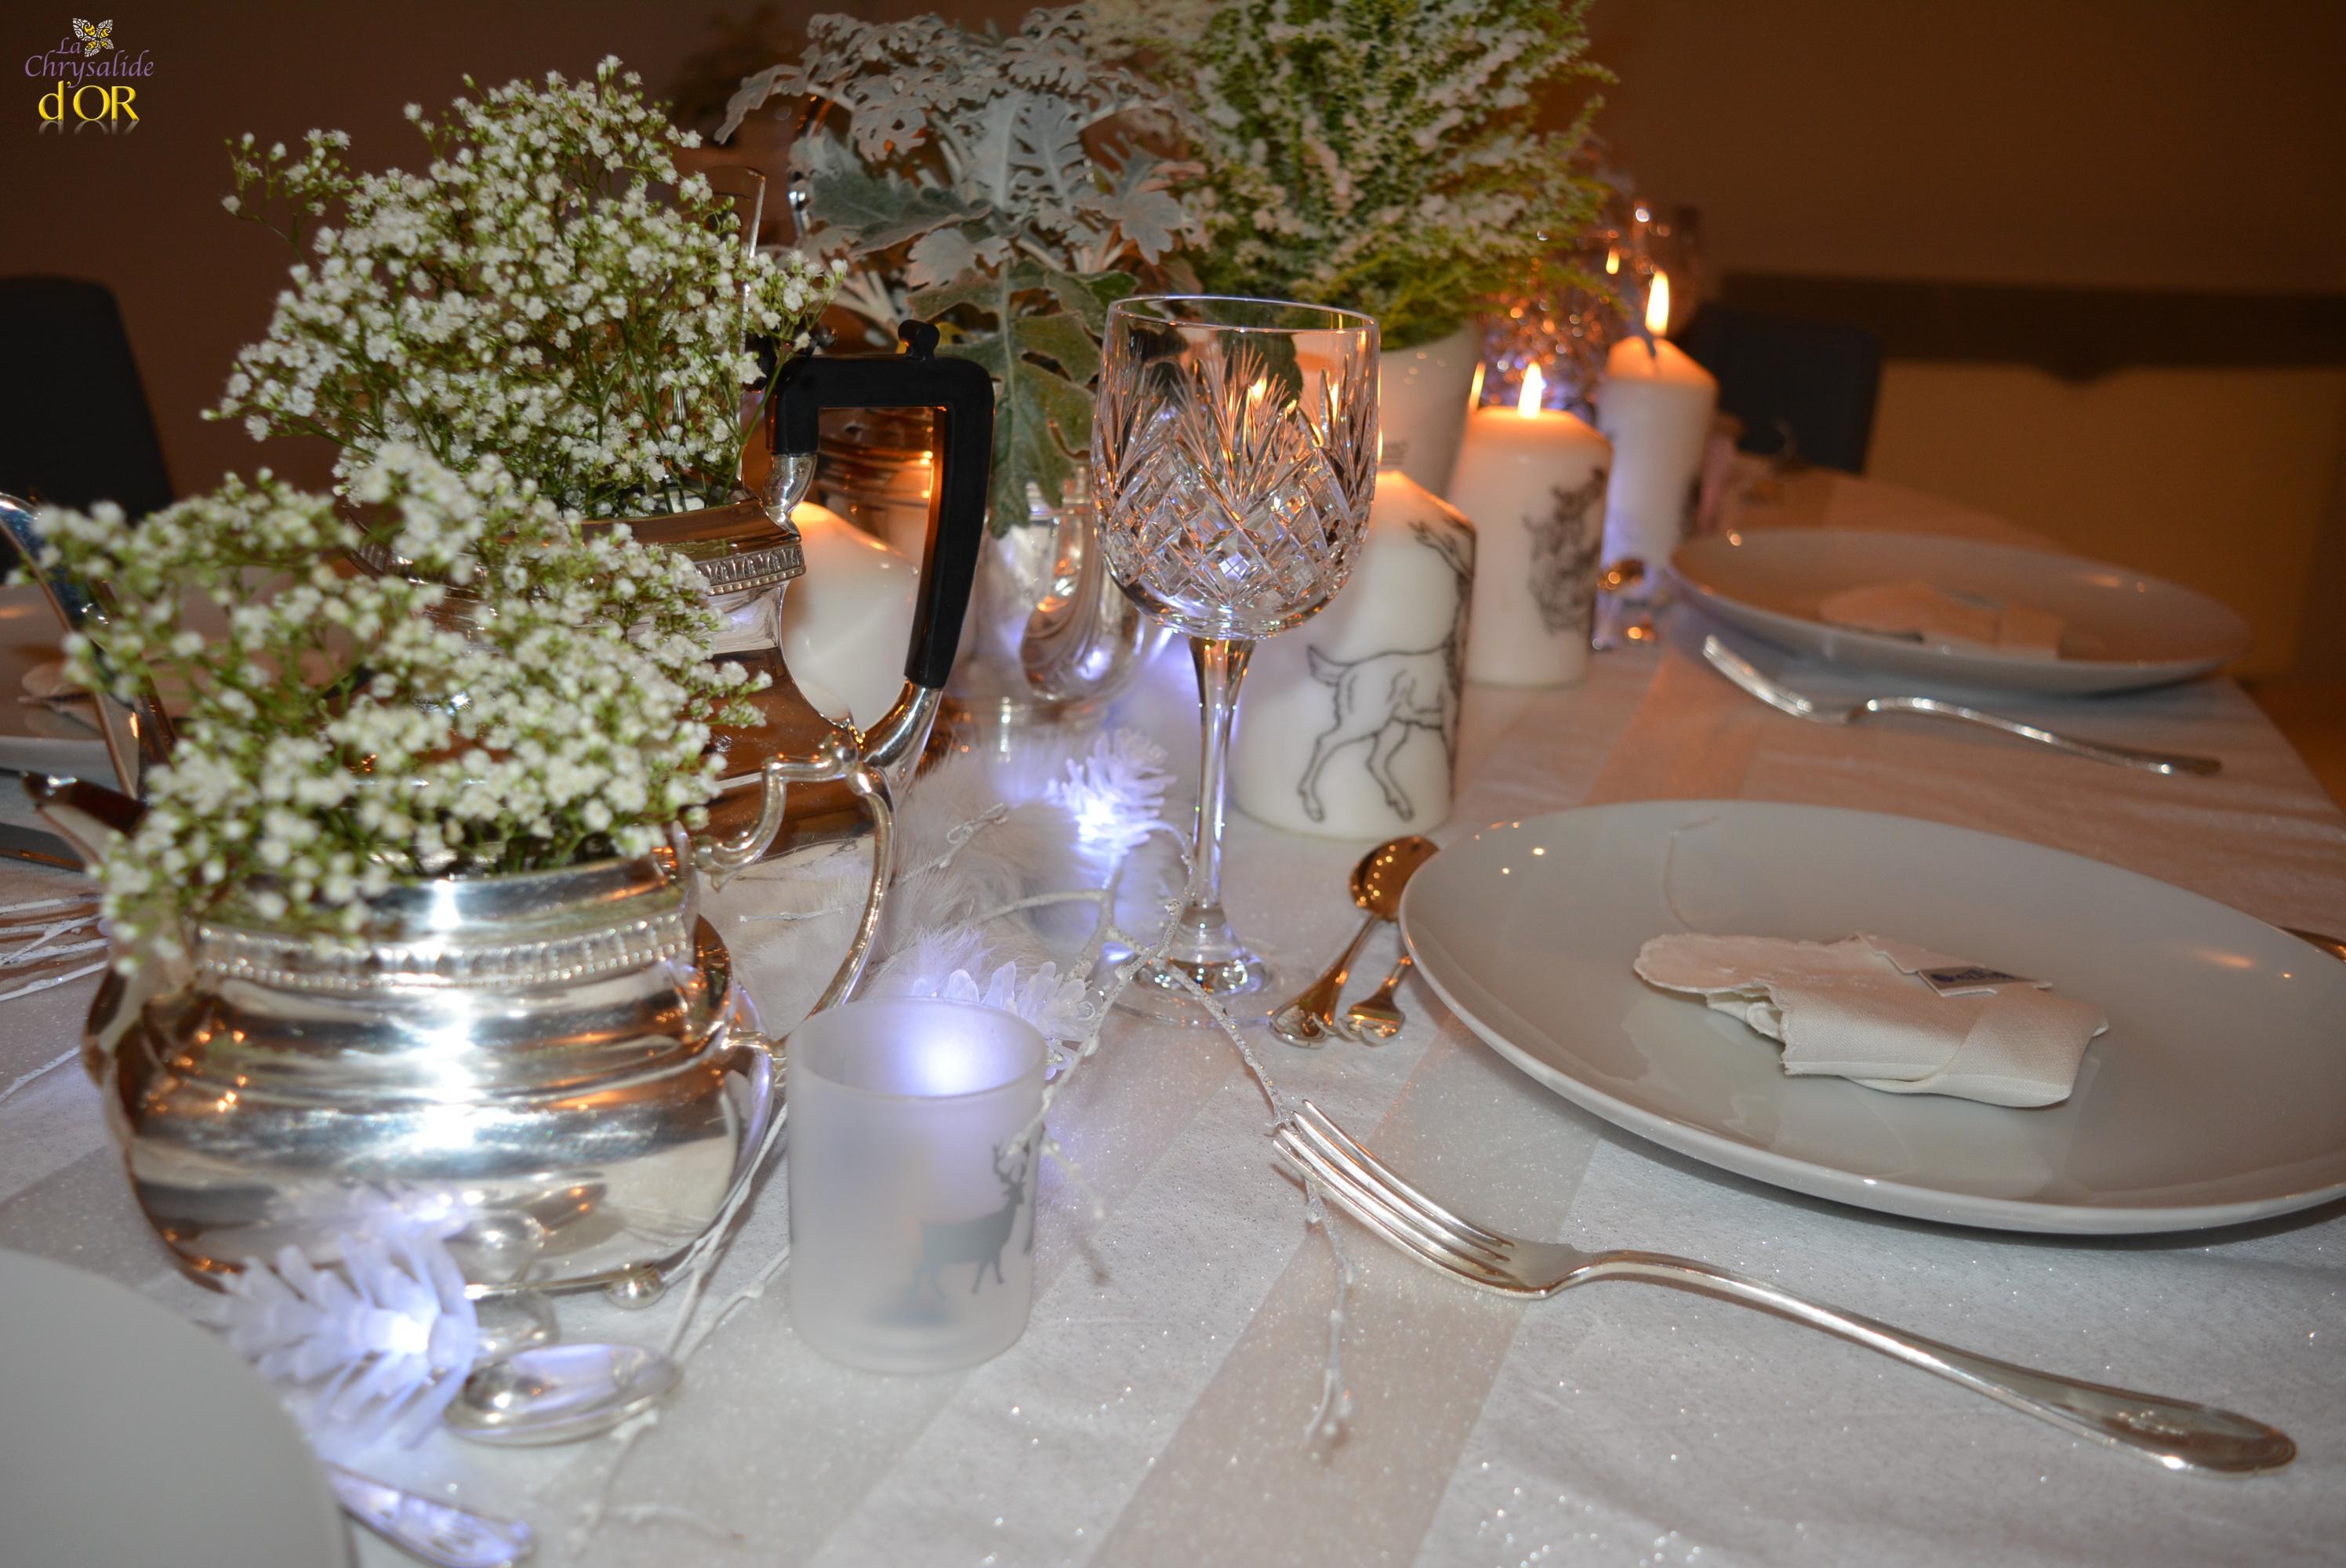 #3C2712 Décoration Tables De Noël Pour Une Inspiration Mariage En  6069 decoration de noel toulouse 2992x2000 px @ aertt.com